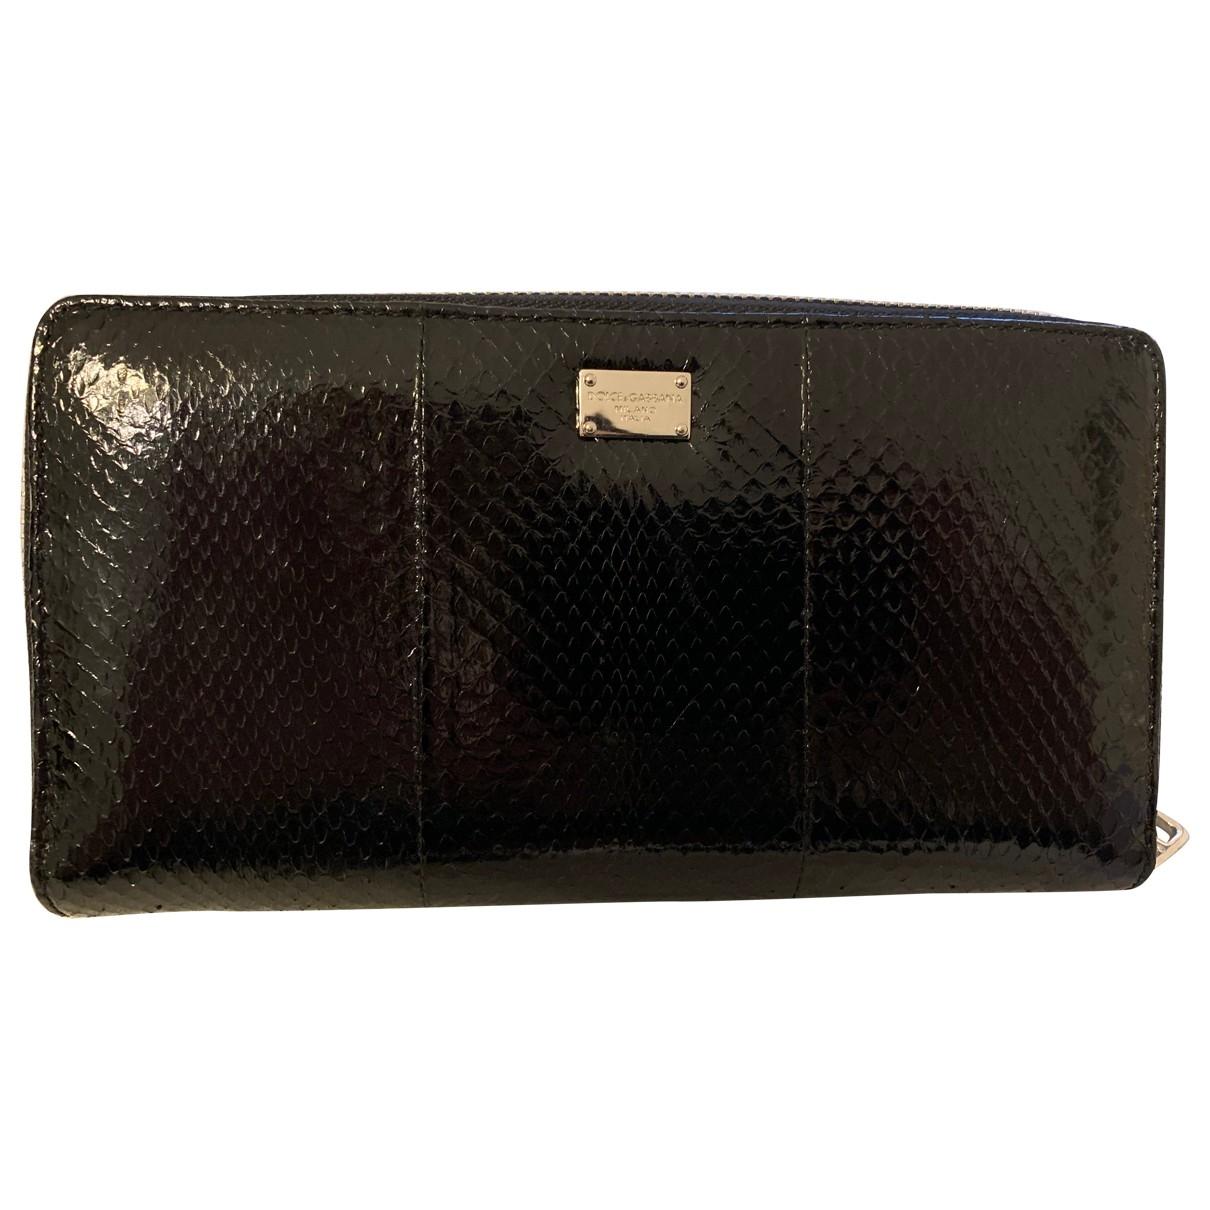 Dolce & Gabbana \N Portemonnaie in  Schwarz Leder